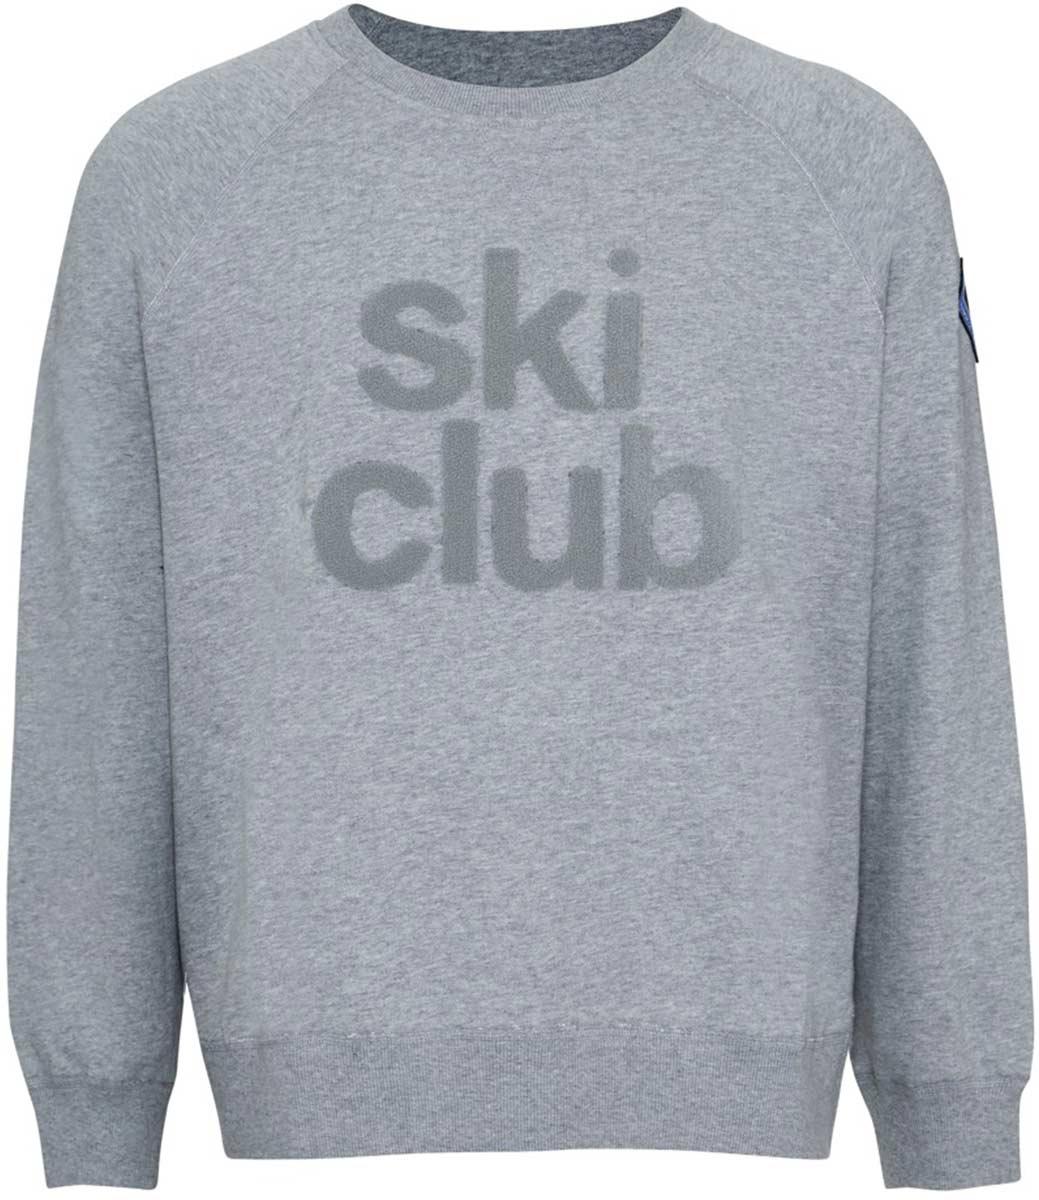 black crows Ski Club Sweatshirt, $109.95